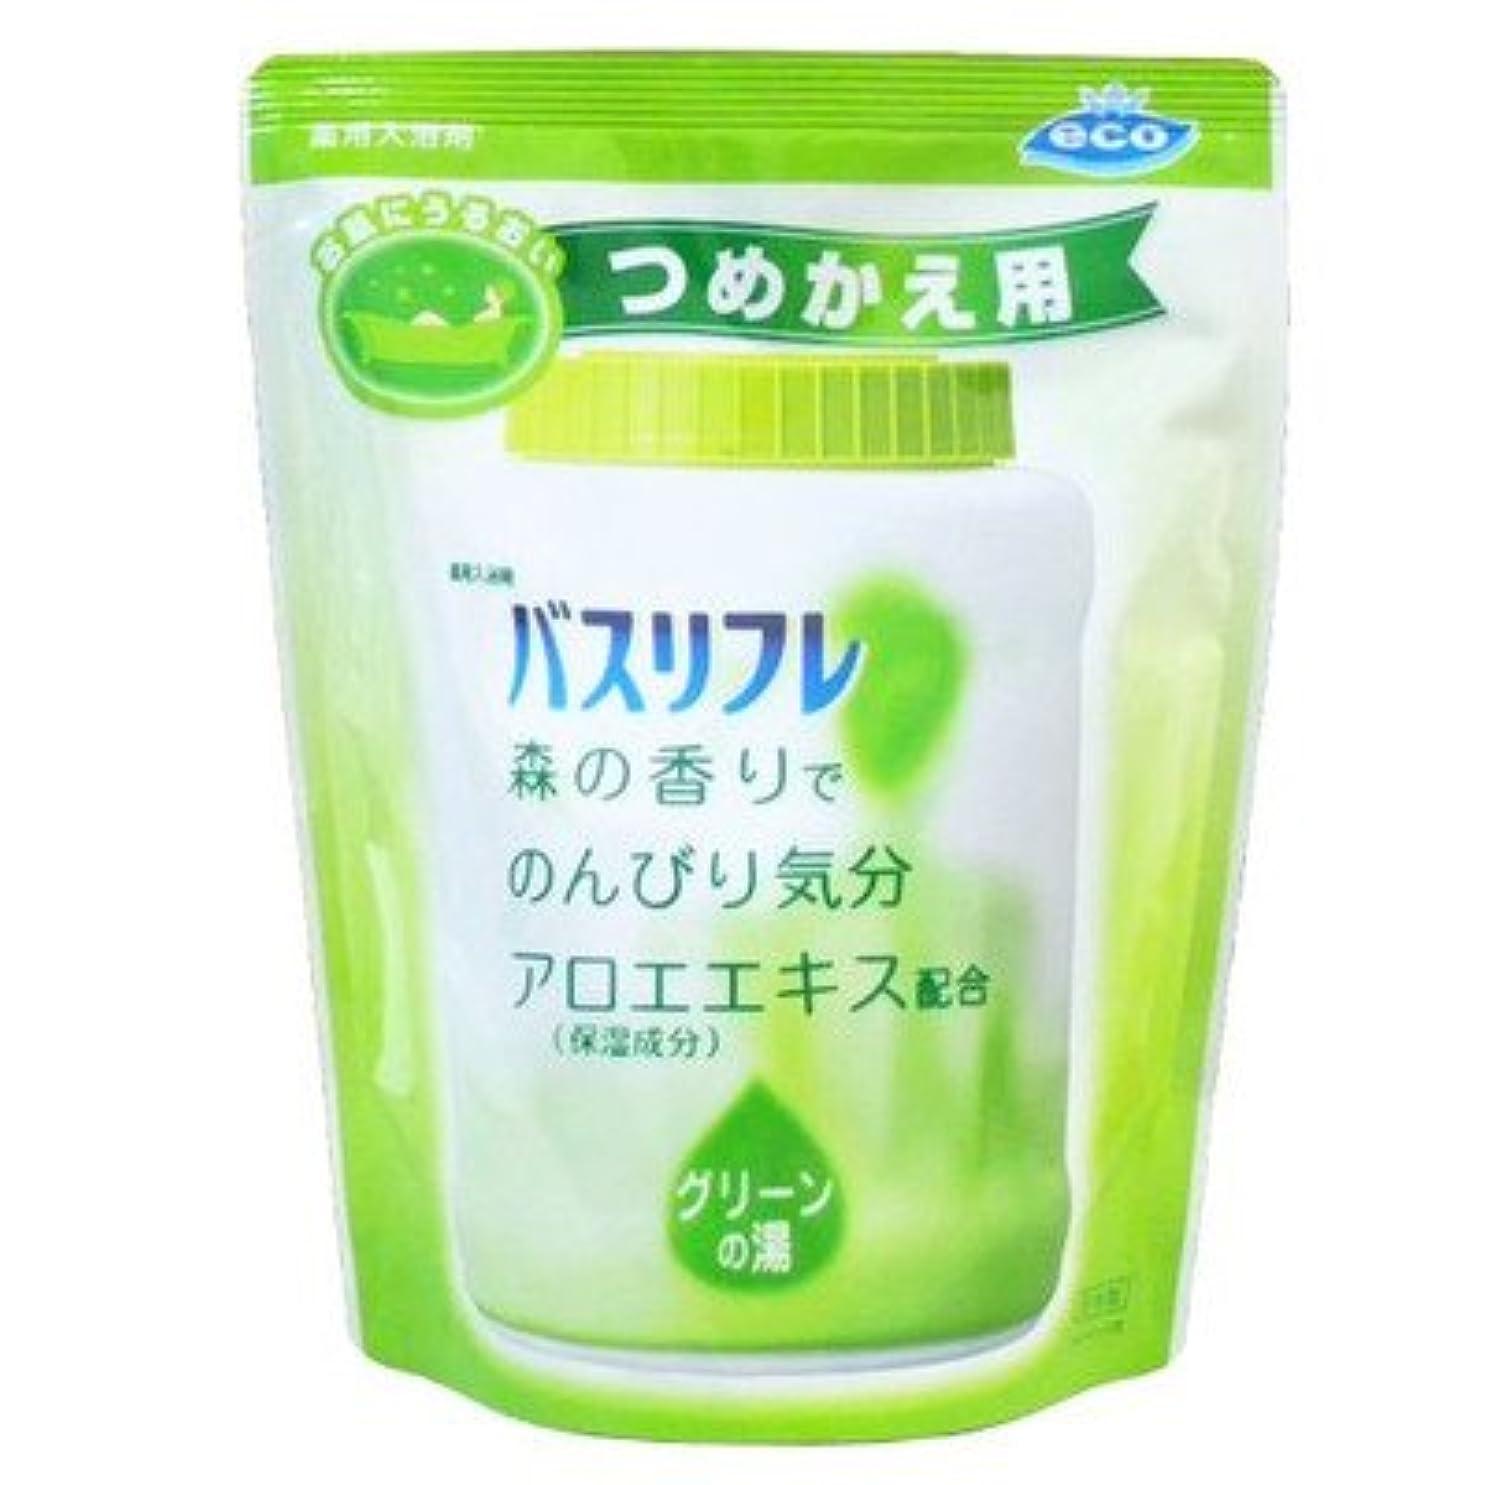 家事特徴寛大さ薬用入浴剤 バスリフレ グリーンの湯 つめかえ用 540g 森の香り (ライオンケミカル)